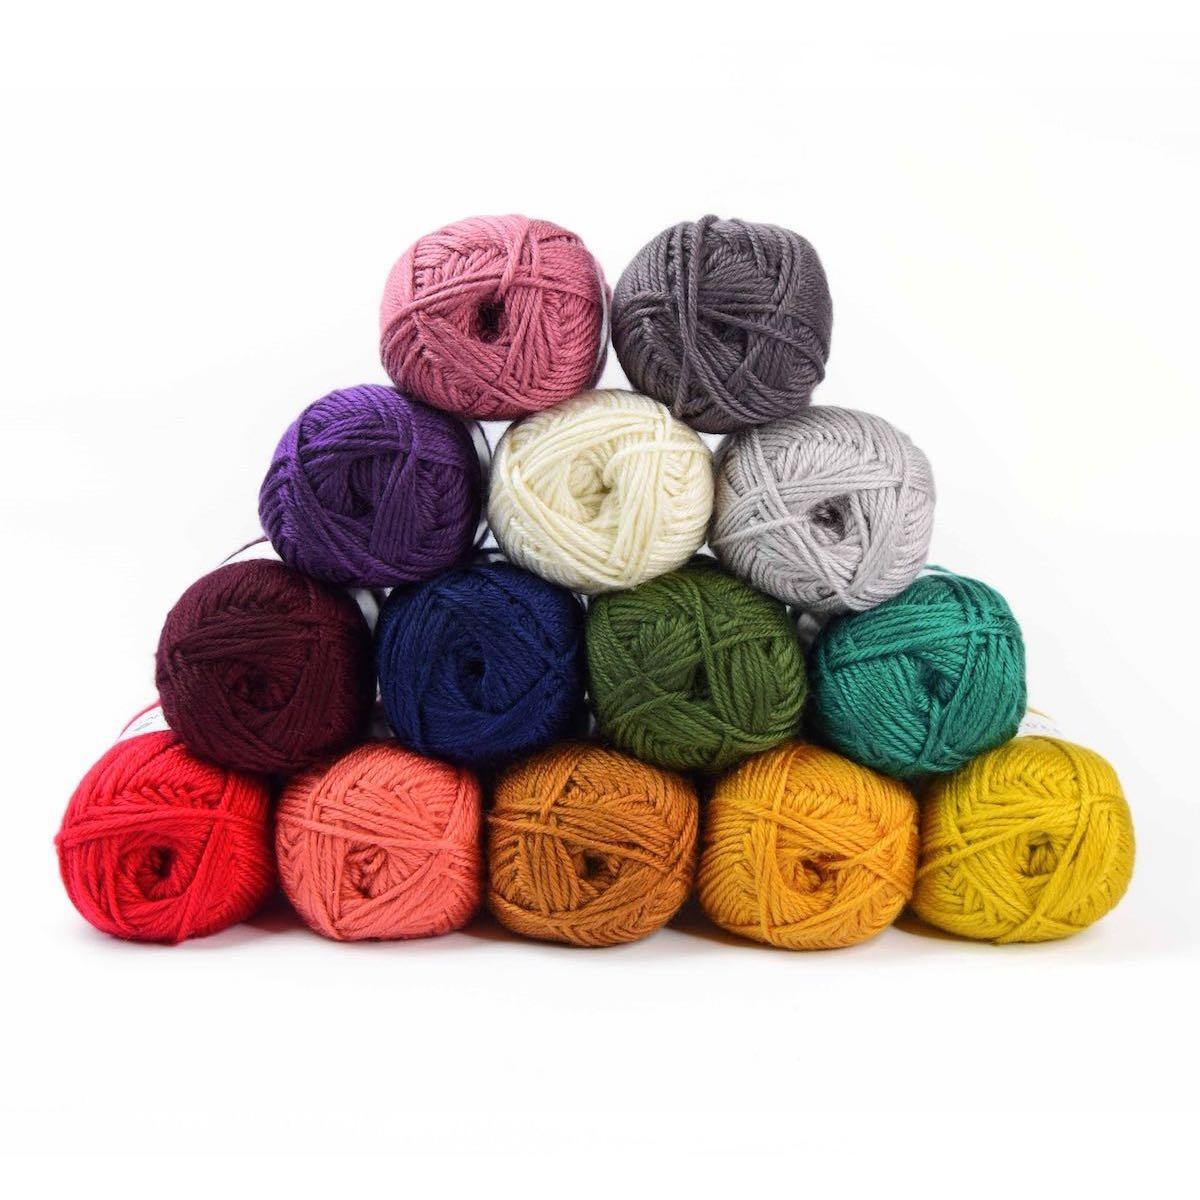 FurlsCrochet Wander - Premium Acrylic Yarn